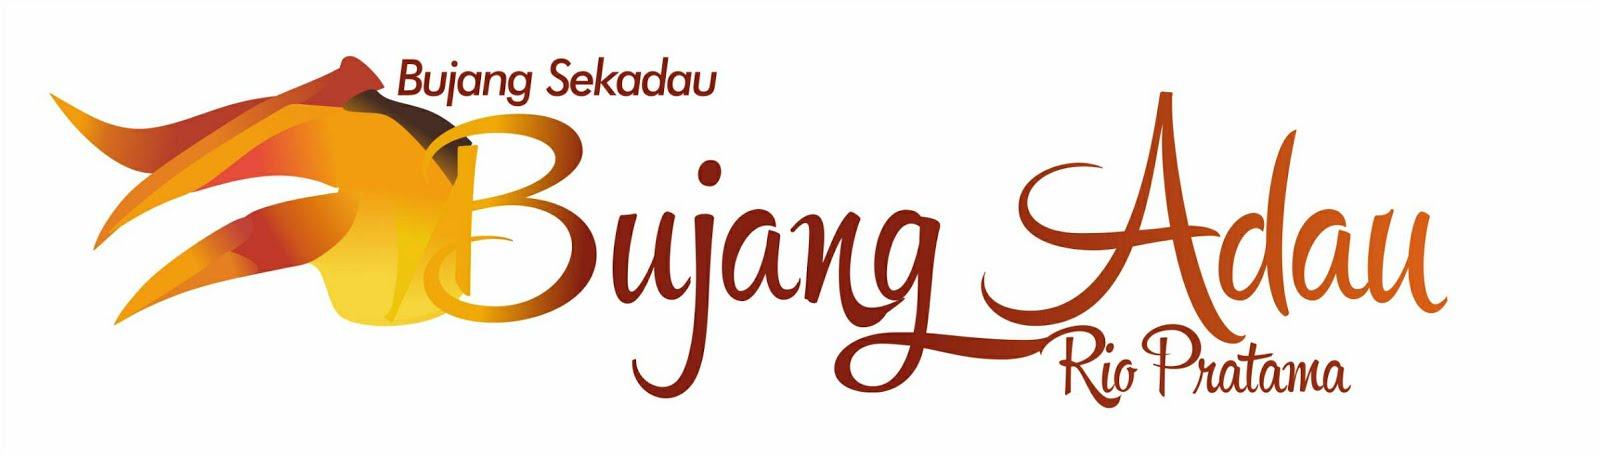 BujangAdau